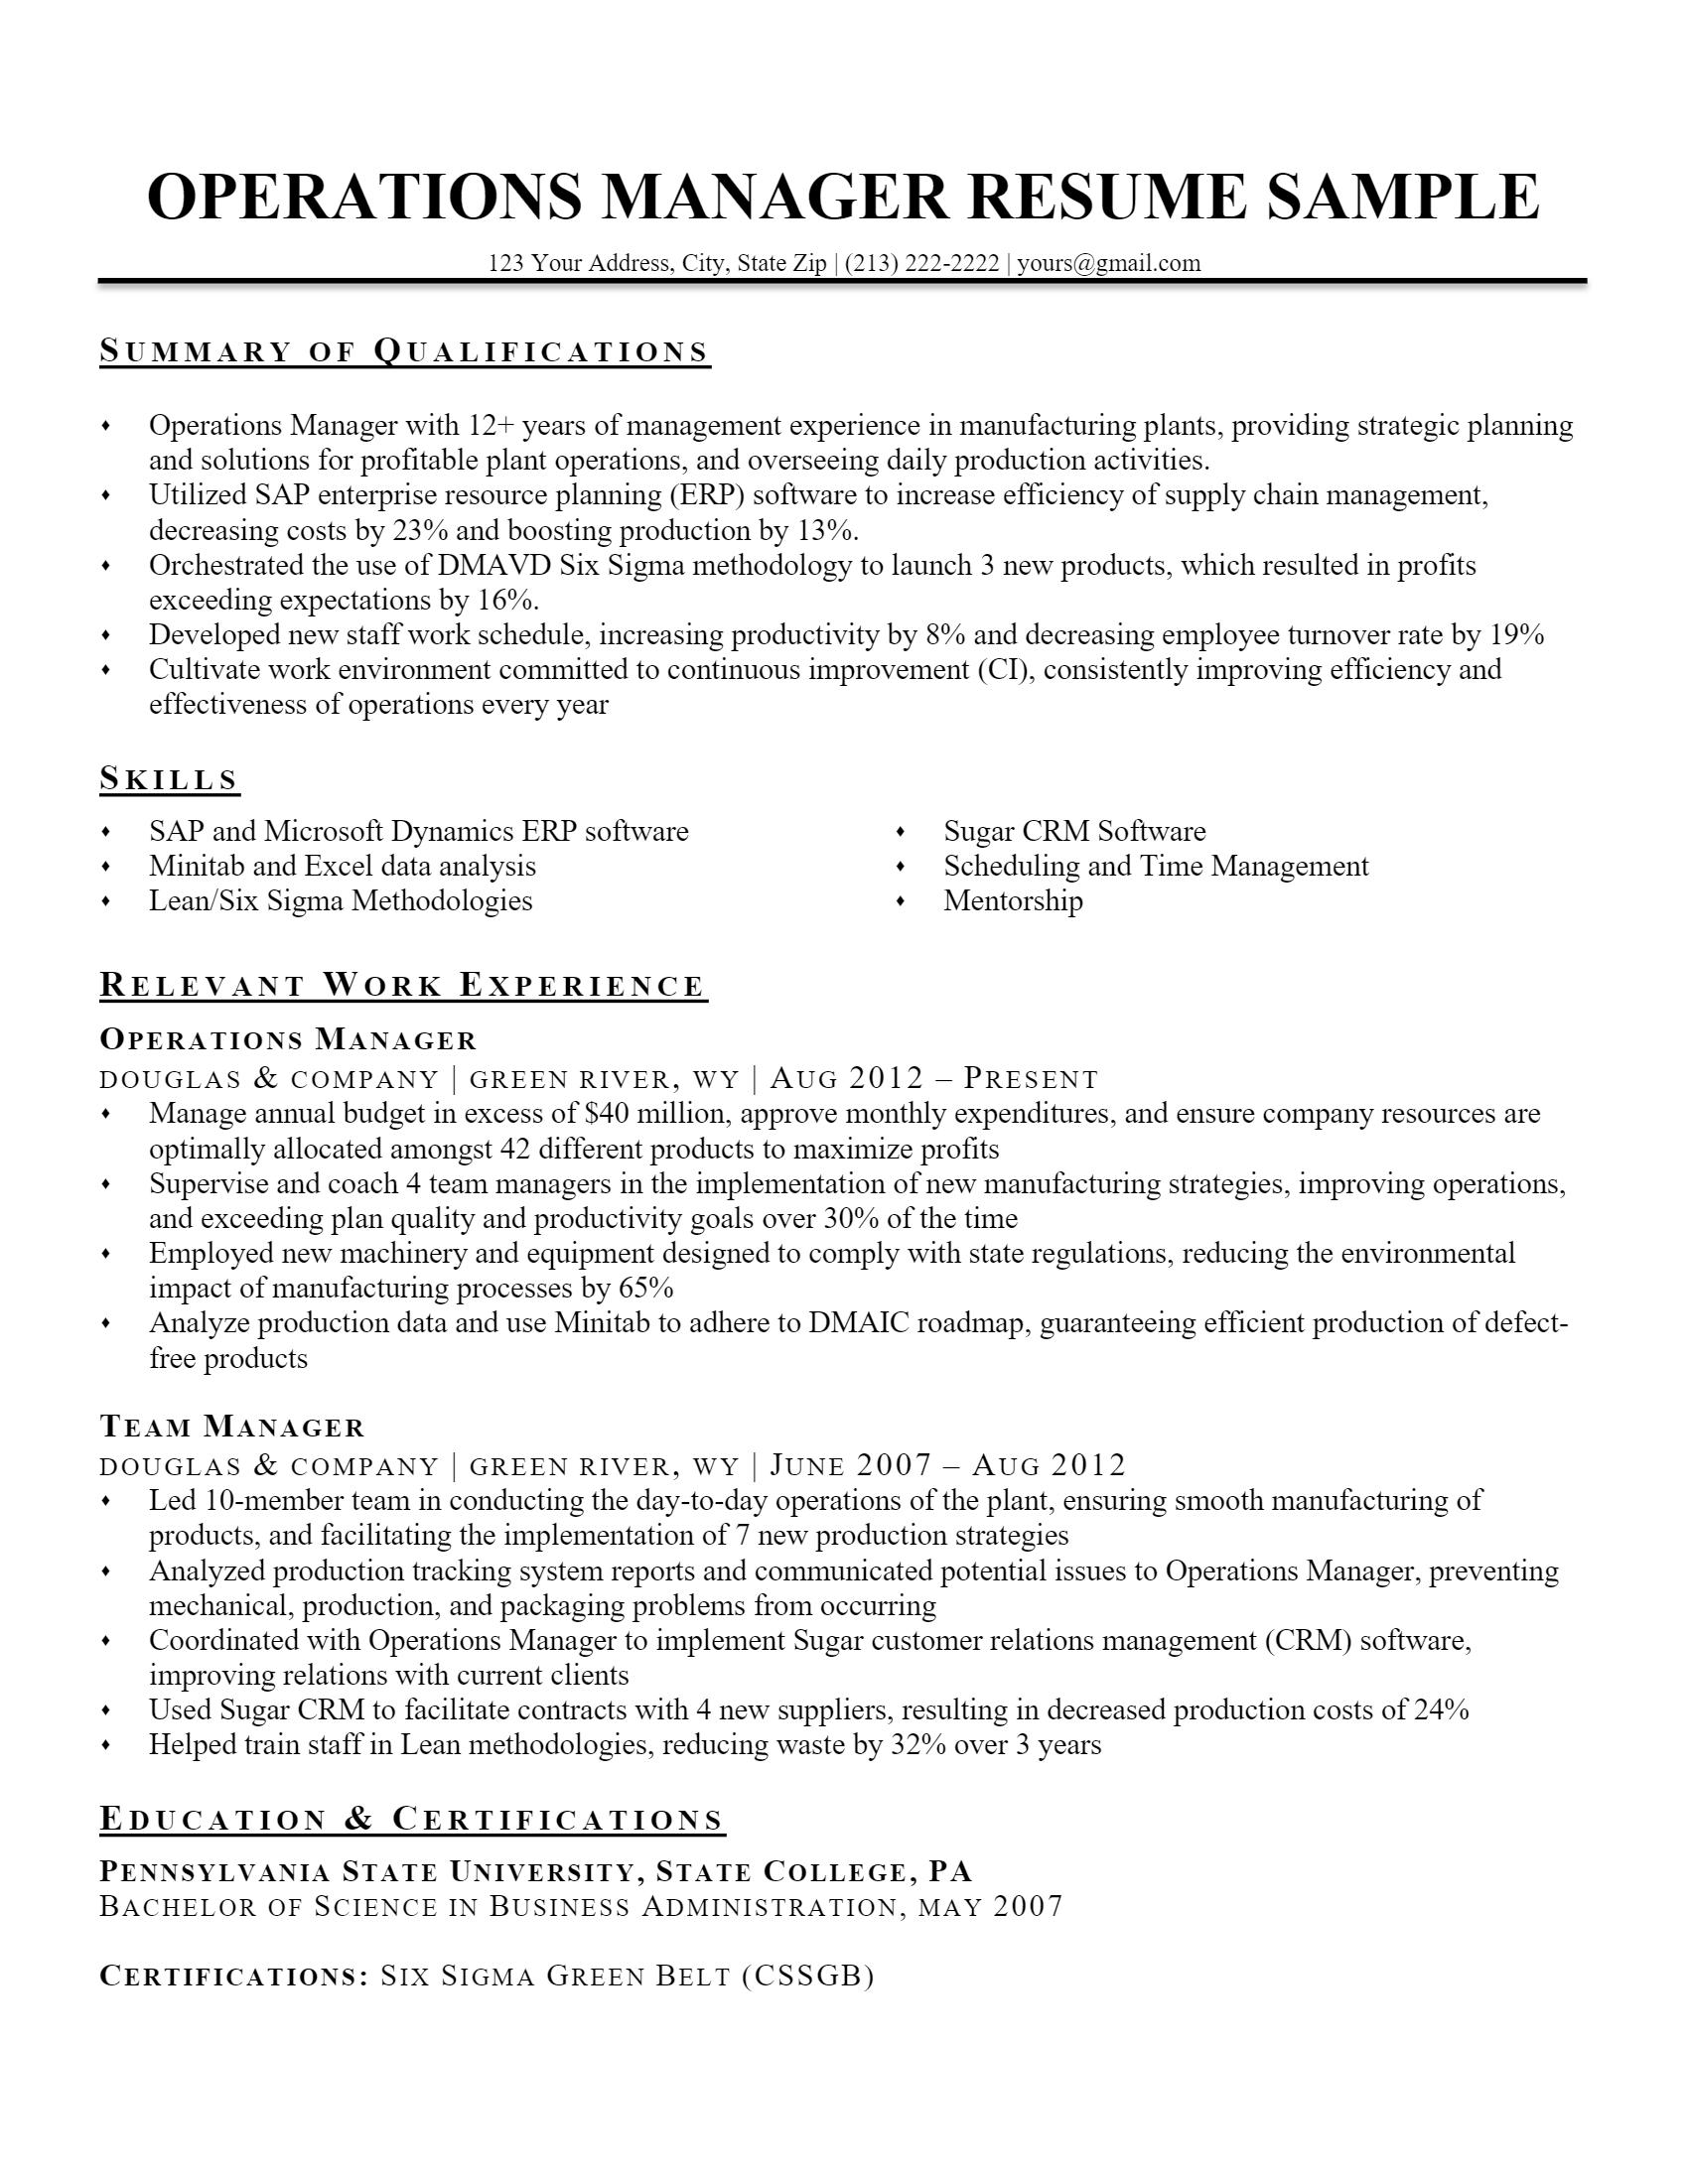 Operations Manager Resume > Operations Manager Resume .Docx (Word)